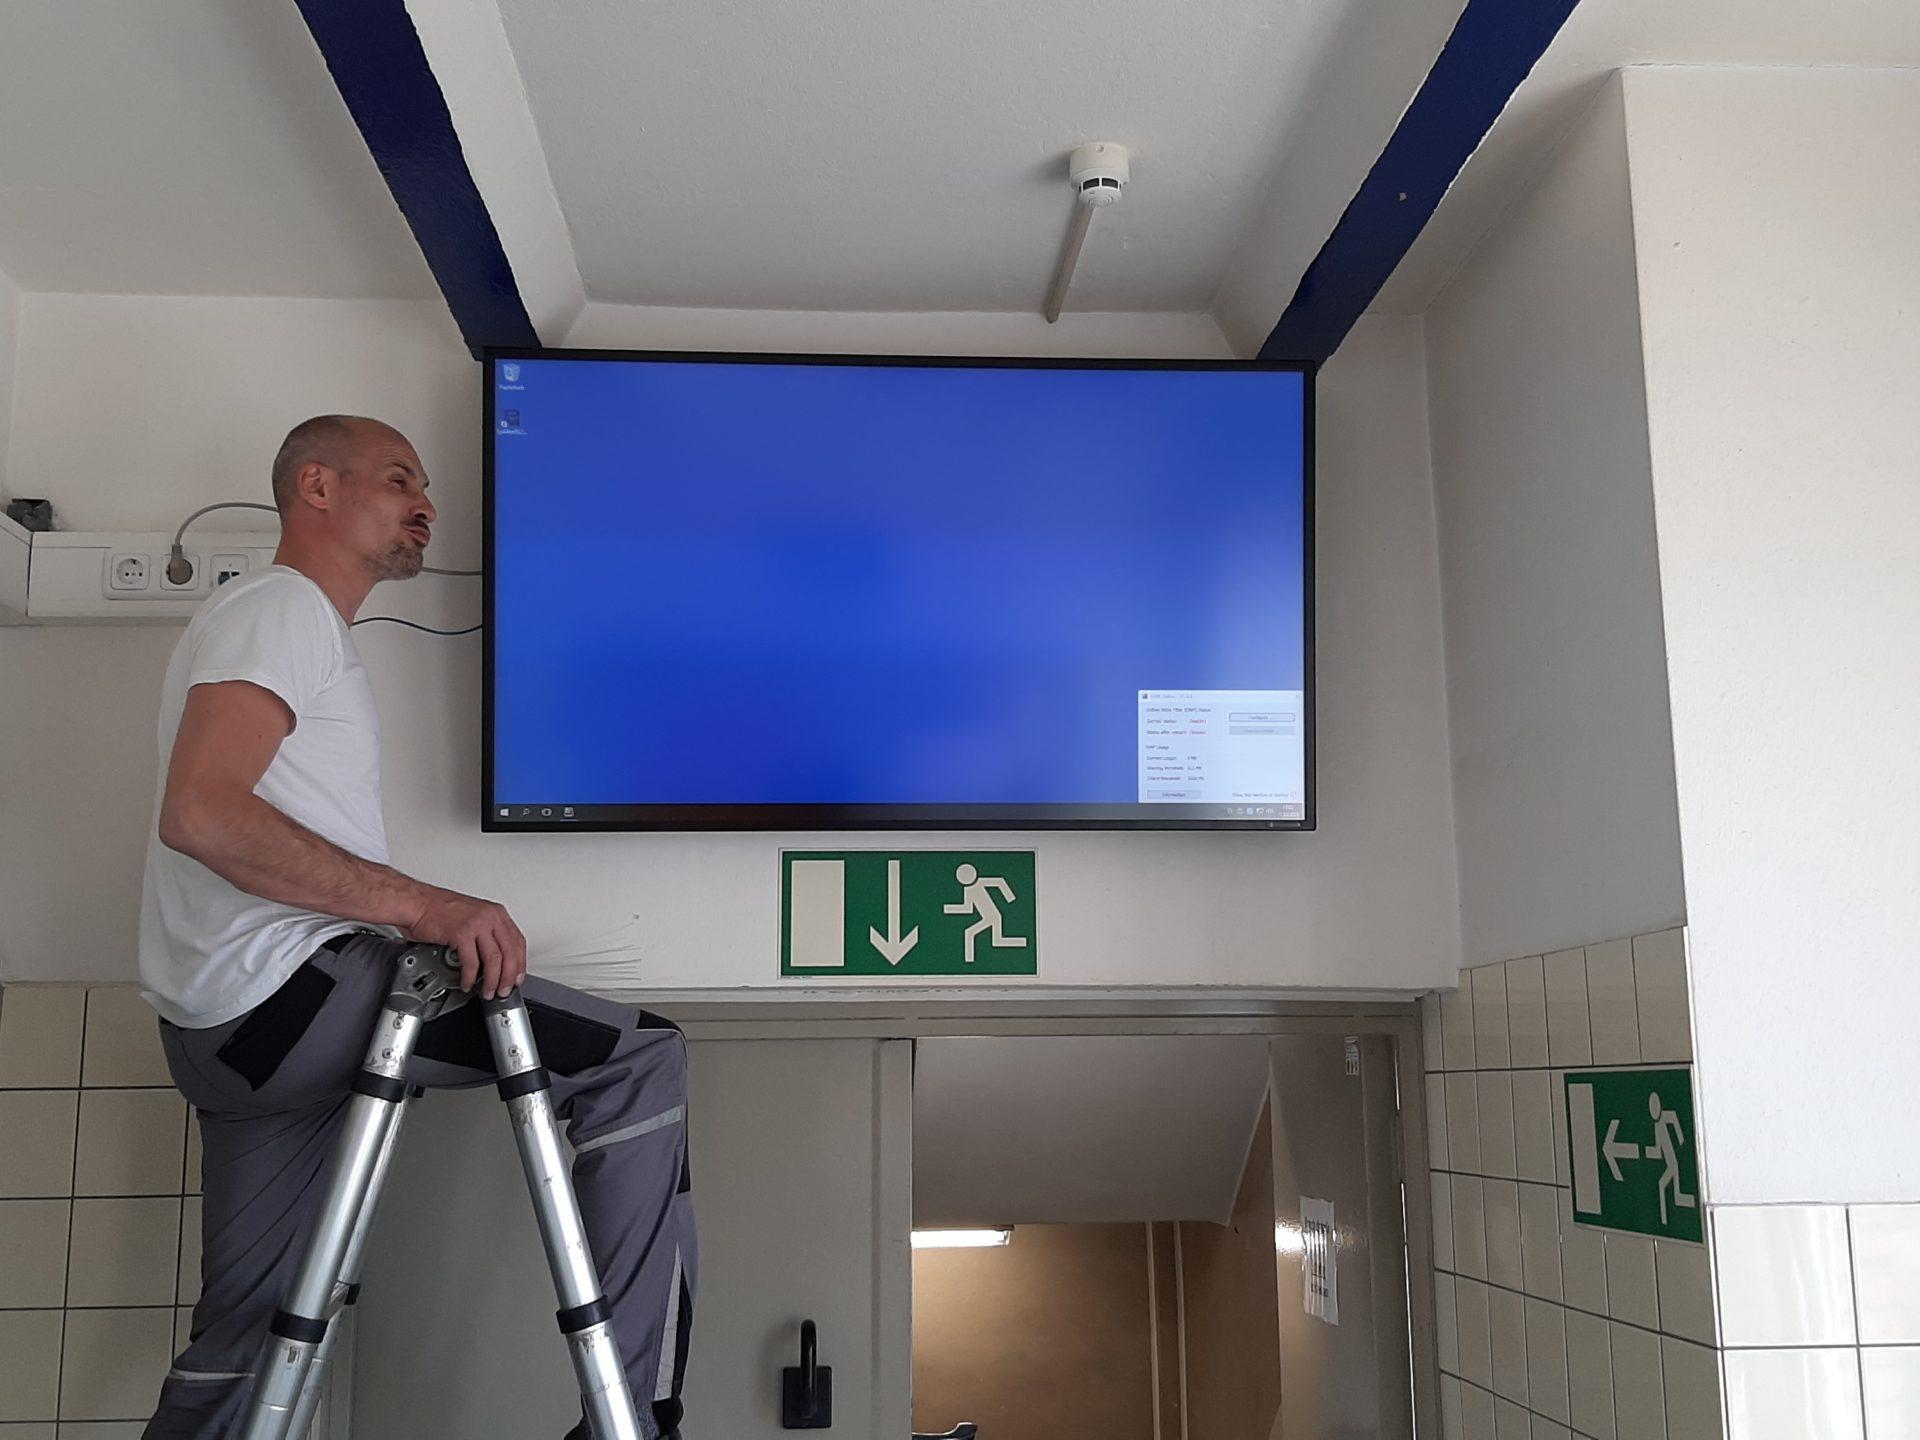 Brandschutz Monitor in Fluchtweg